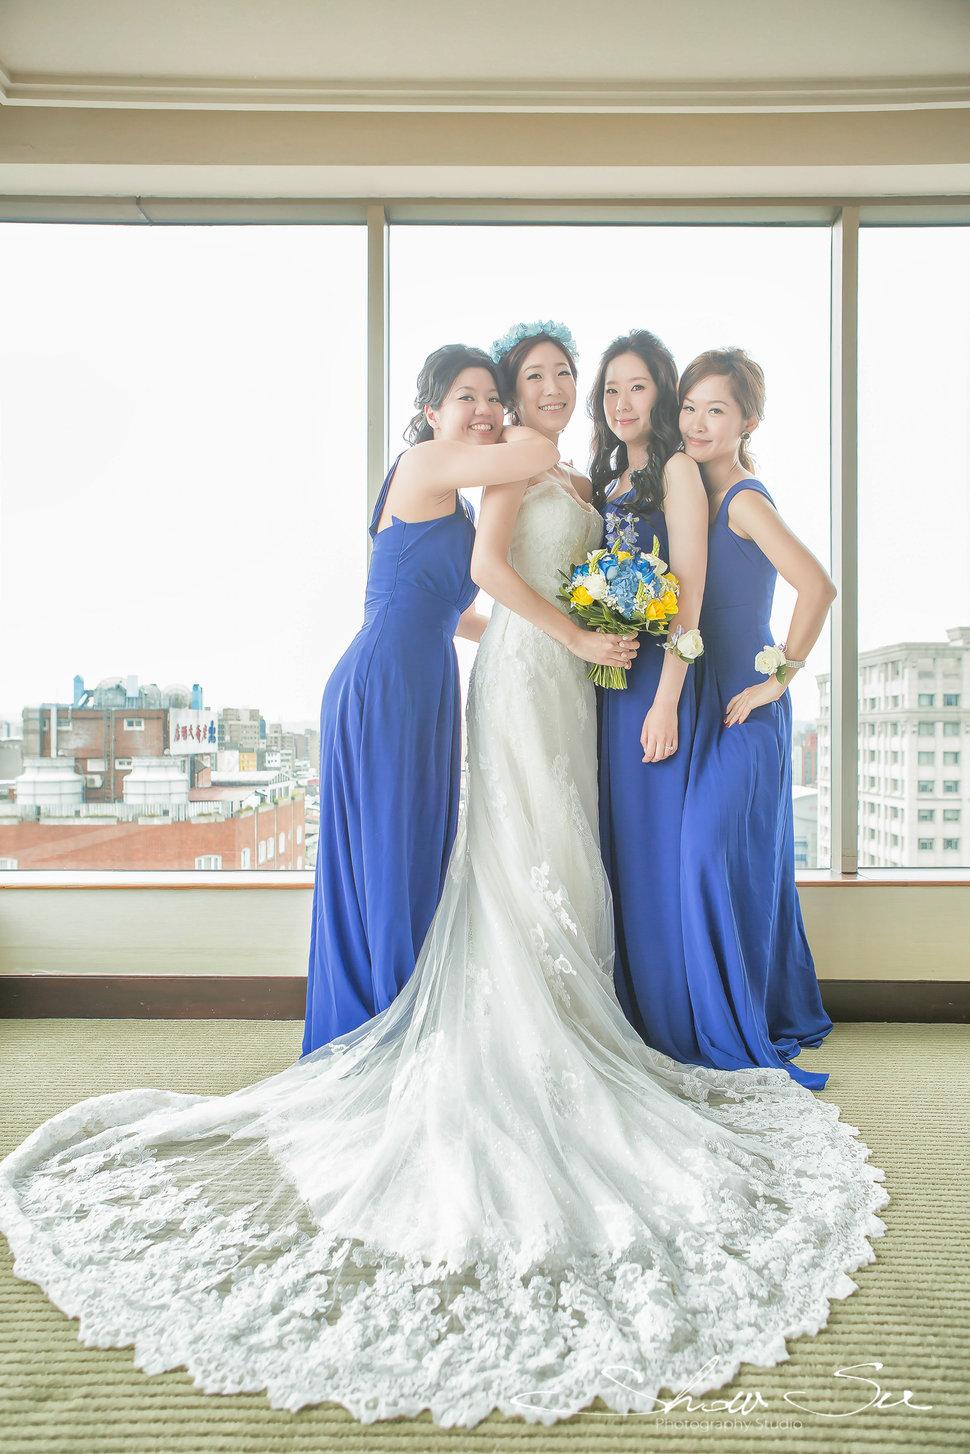 [婚攝] Steve & Maggie│台北@晶華酒店│迎娶儀式(編號:550029) - Show Su Photography - 結婚吧